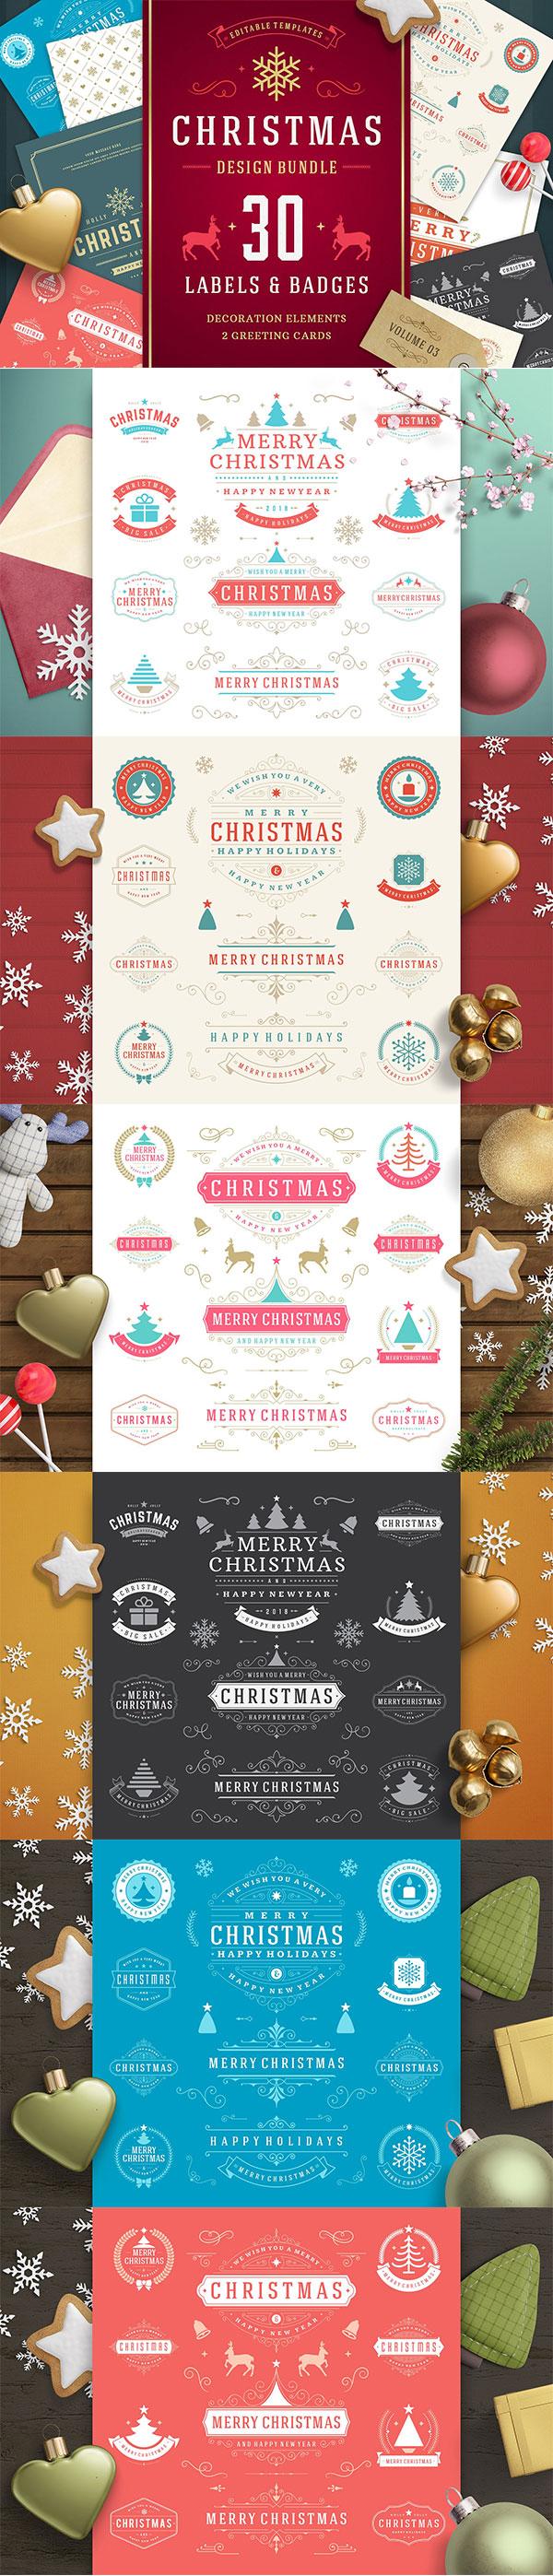 圣诞节标签模板